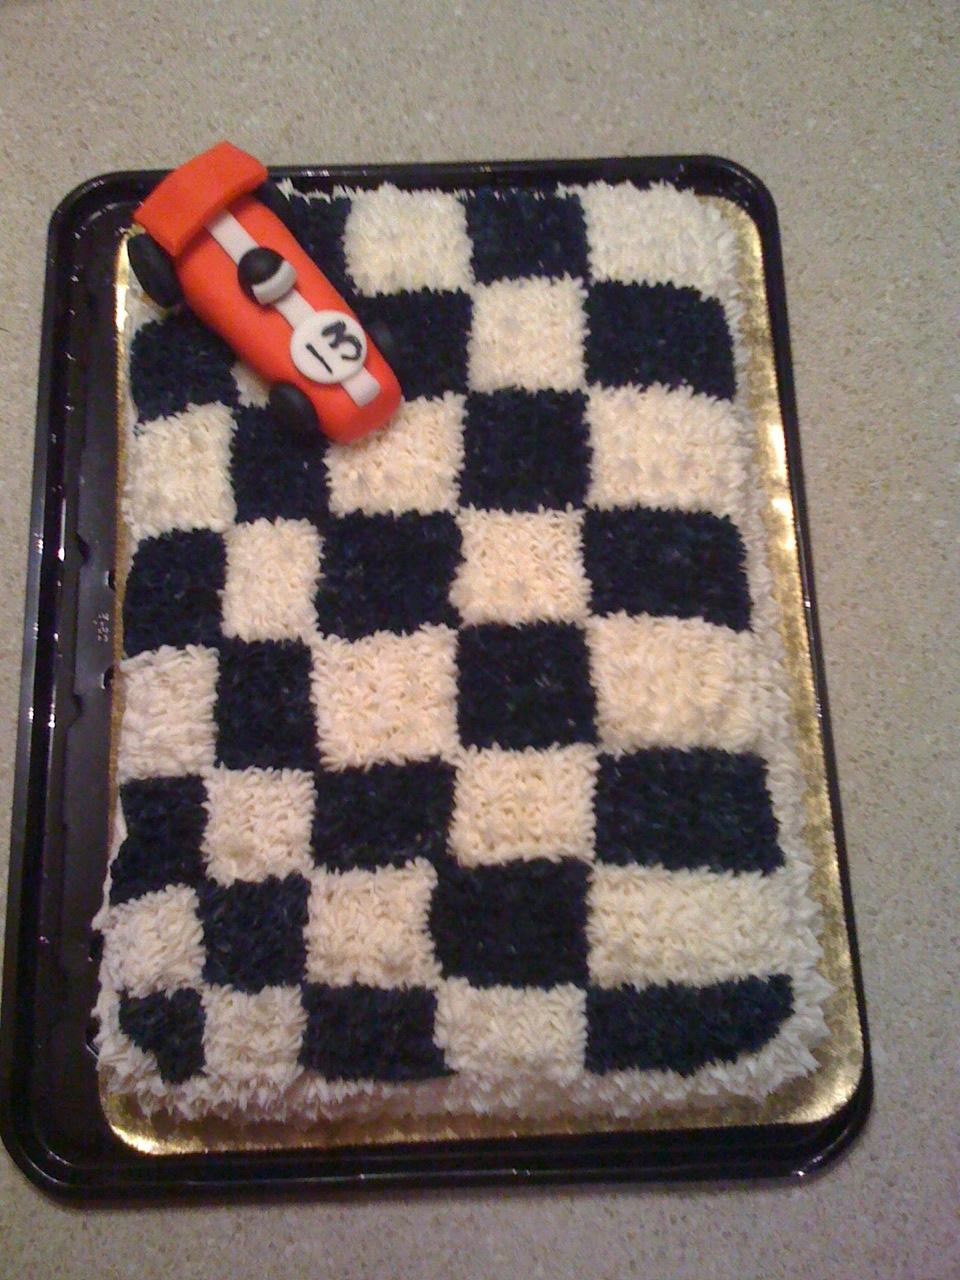 Pieceofcake Race Car Checkered Flag Cake